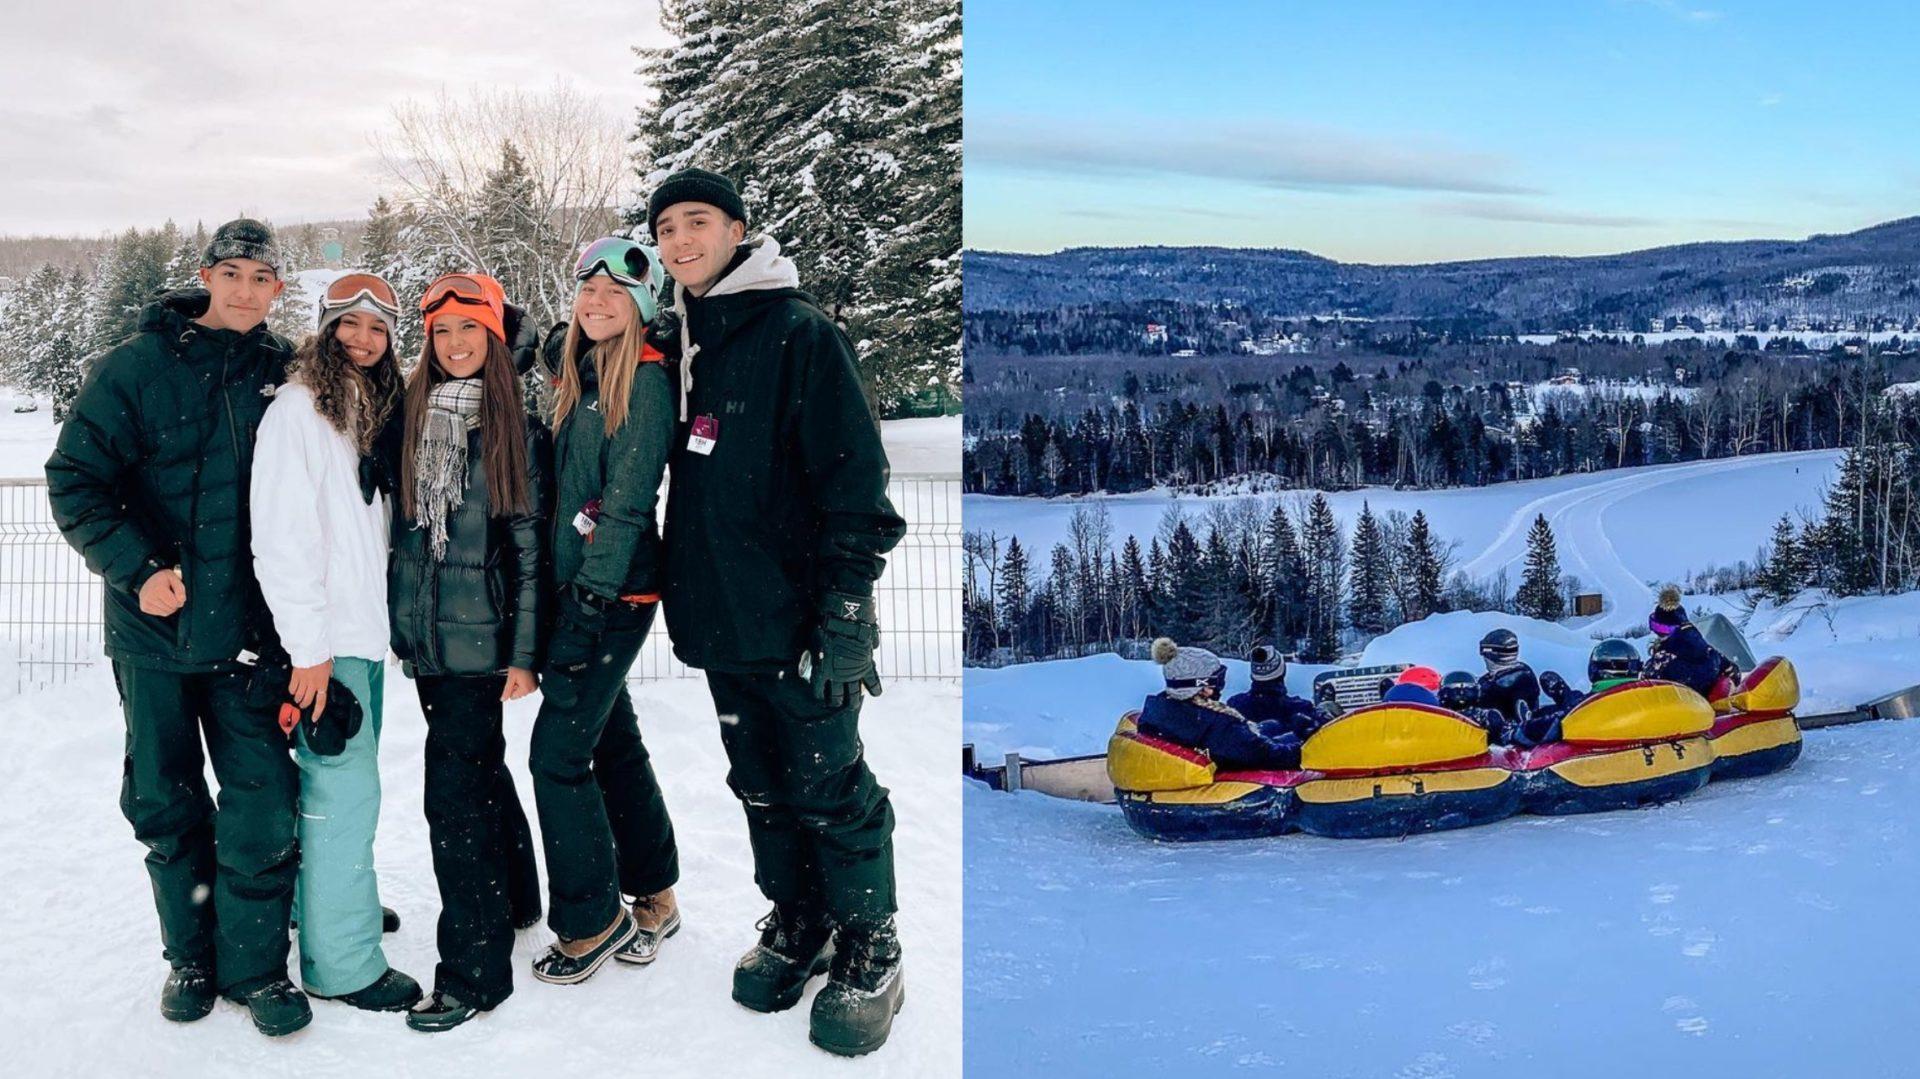 Cette montagne vous permet d'aller glisser et faire du rafting sur neige à 1h30 de route de Montréal!